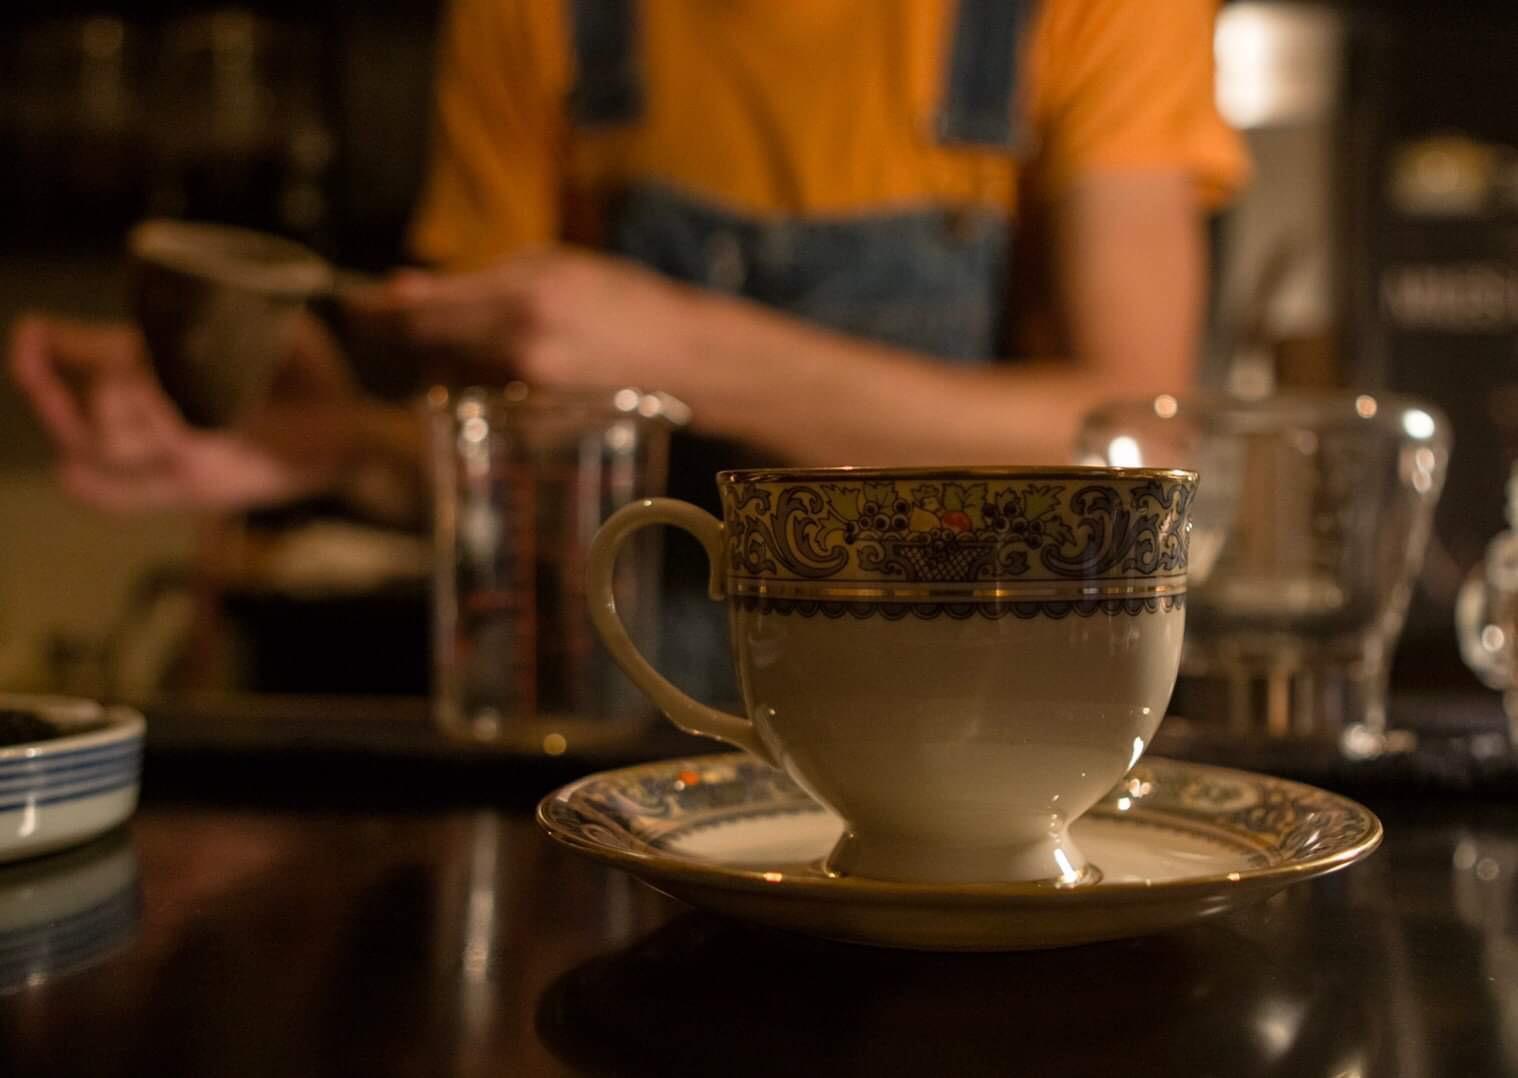 時間を気にせず至極の一杯を。ネルドリップを楽しむ「珈琲屋Monk」 - IMG 4845